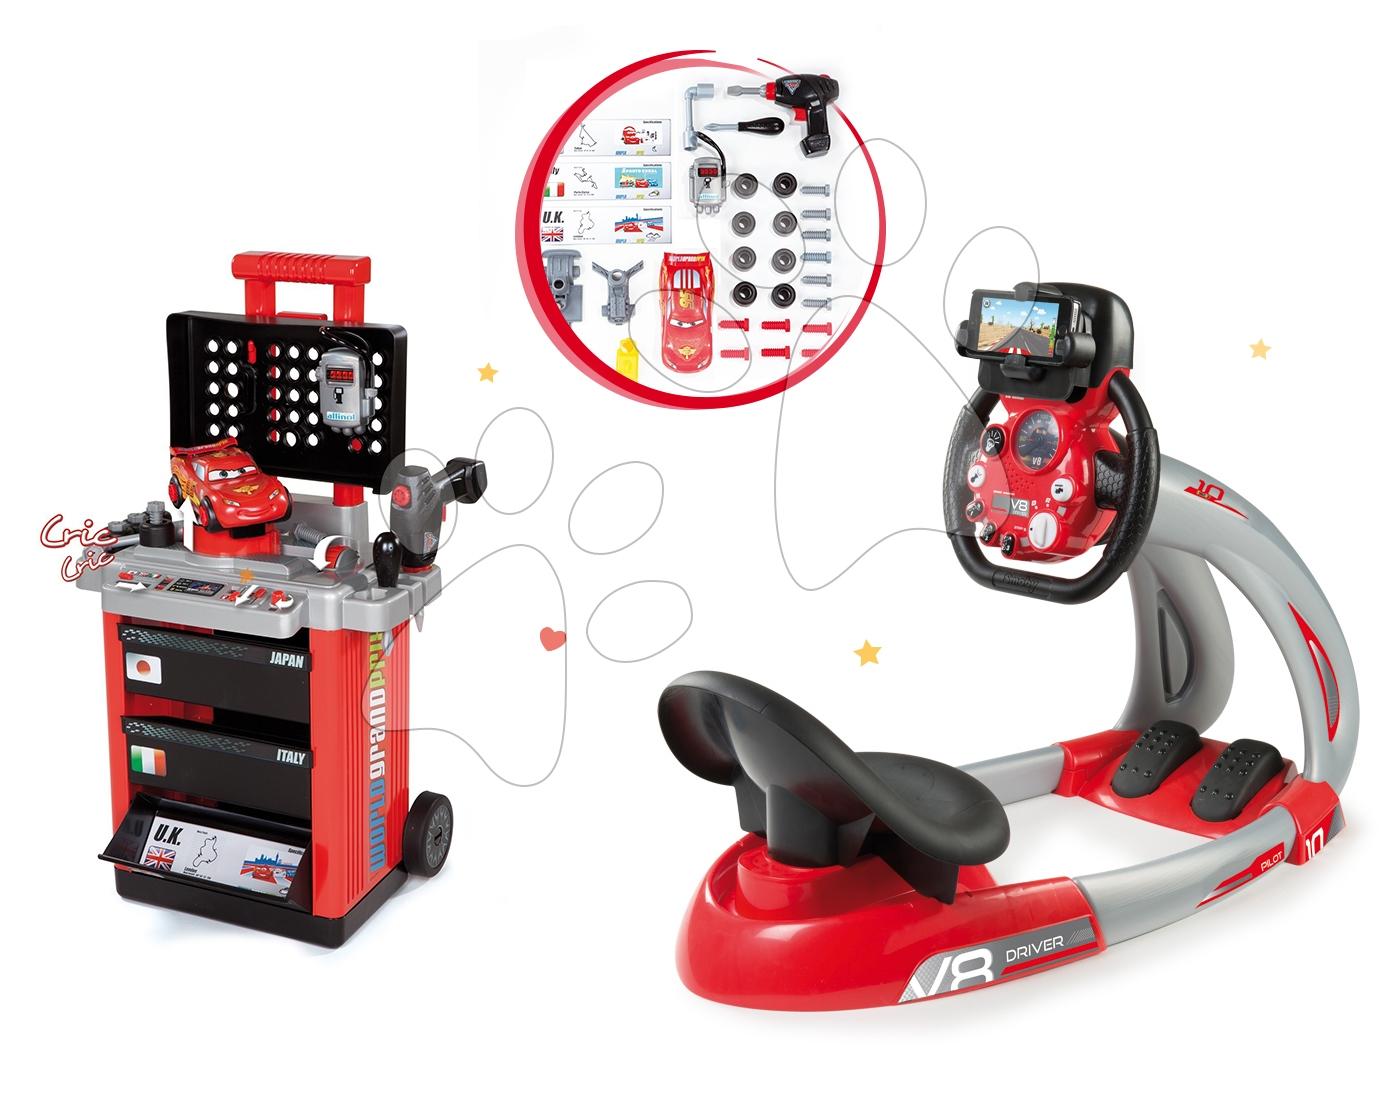 Sety autíčka - Set trenažér V8 Driver Smoby elektronický so zvukom a svetlom a pracovný vozík Autá s autom McQueen